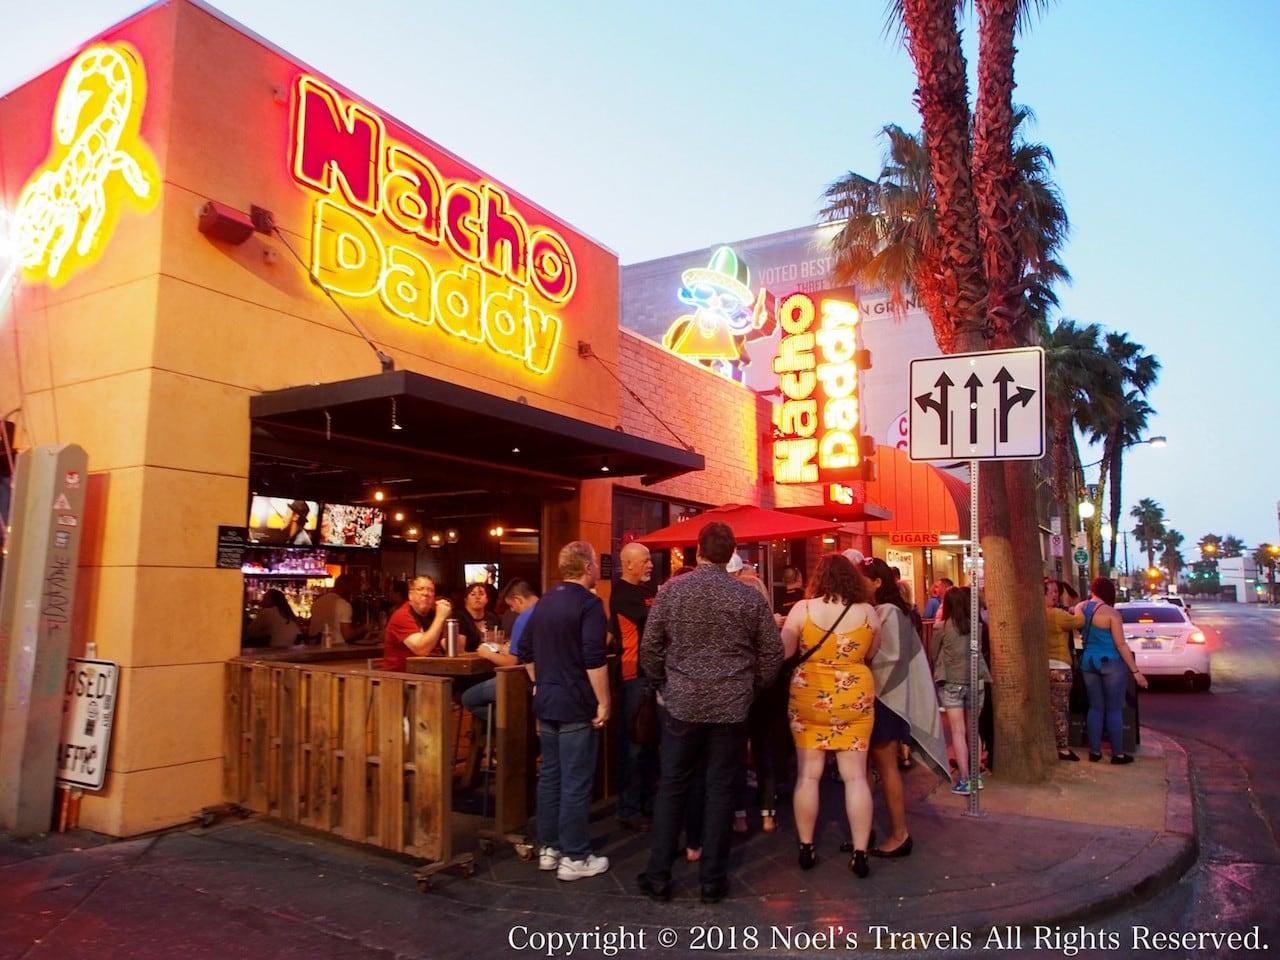 フリーモント・ストリートのレストラン「ナチョ・ダディ」